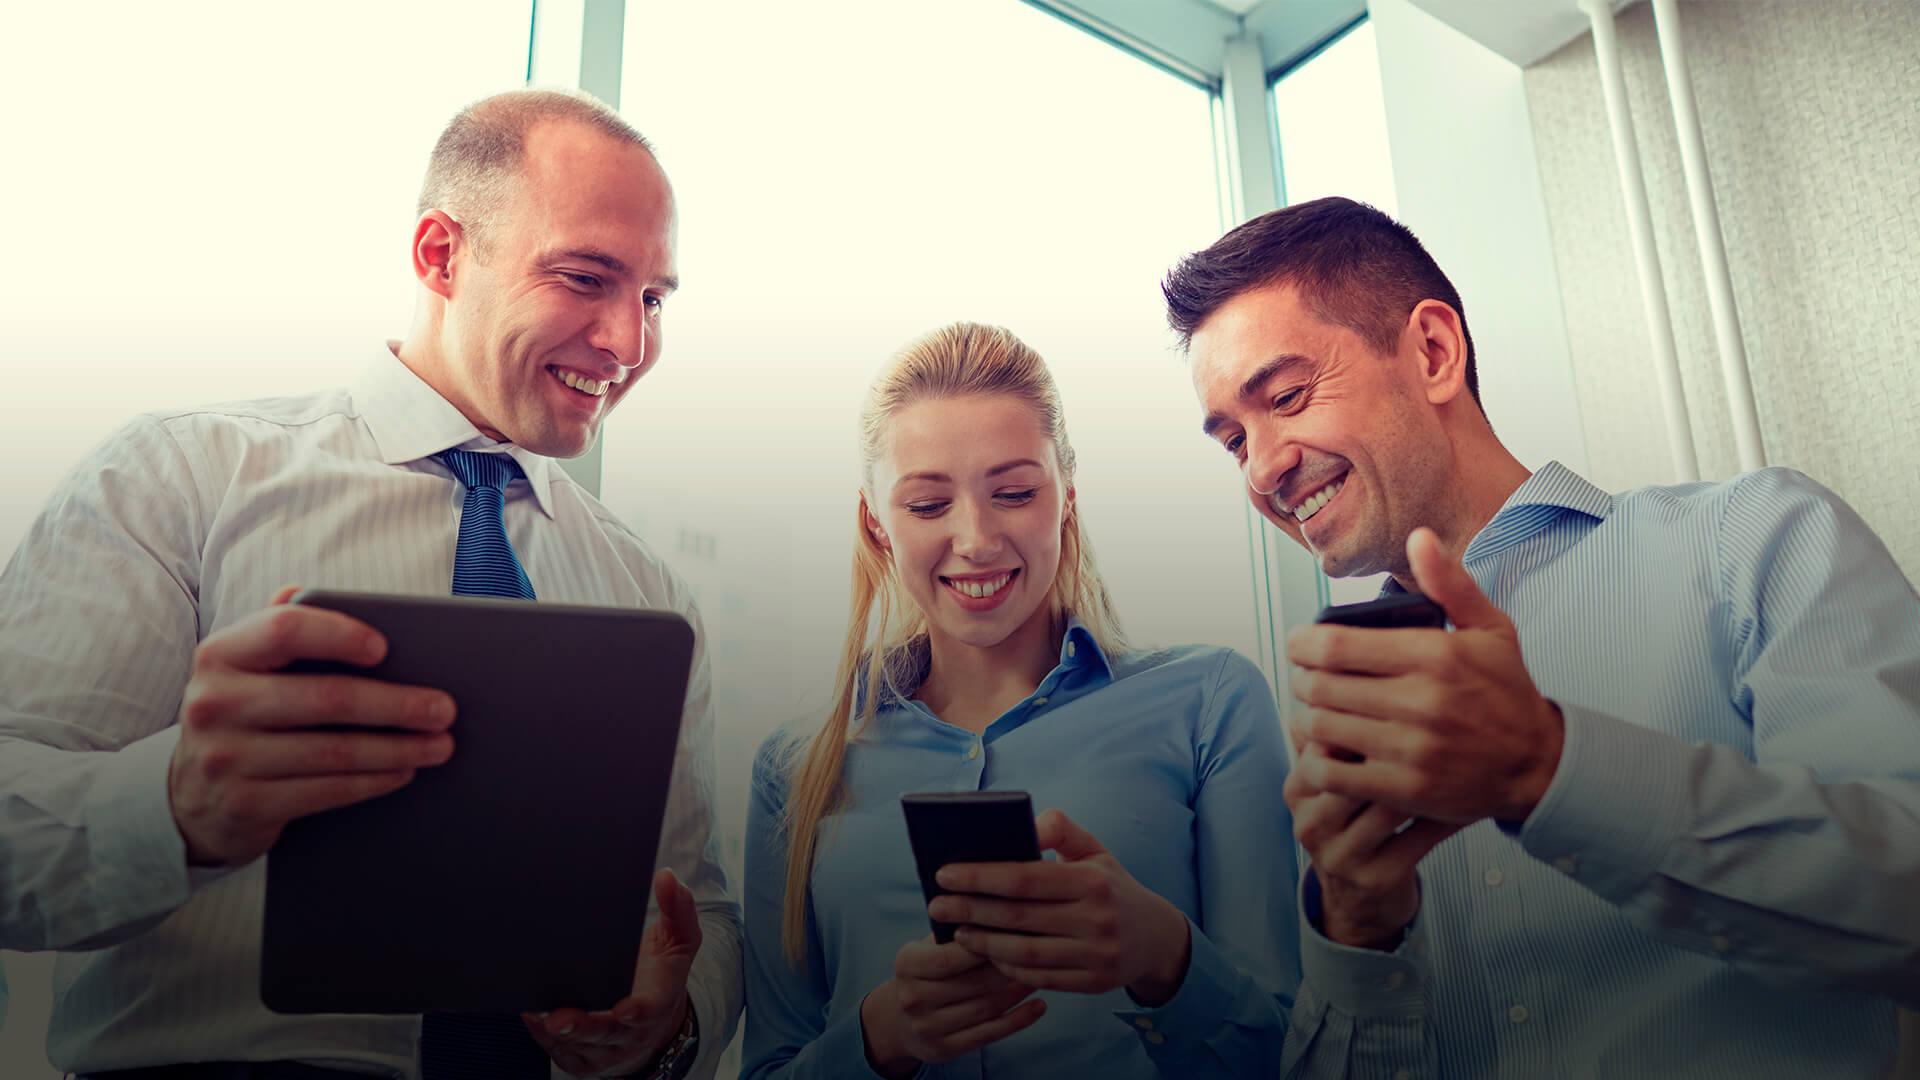 Opinião | Gamification: a estratégia que se consolida no meio corporativo